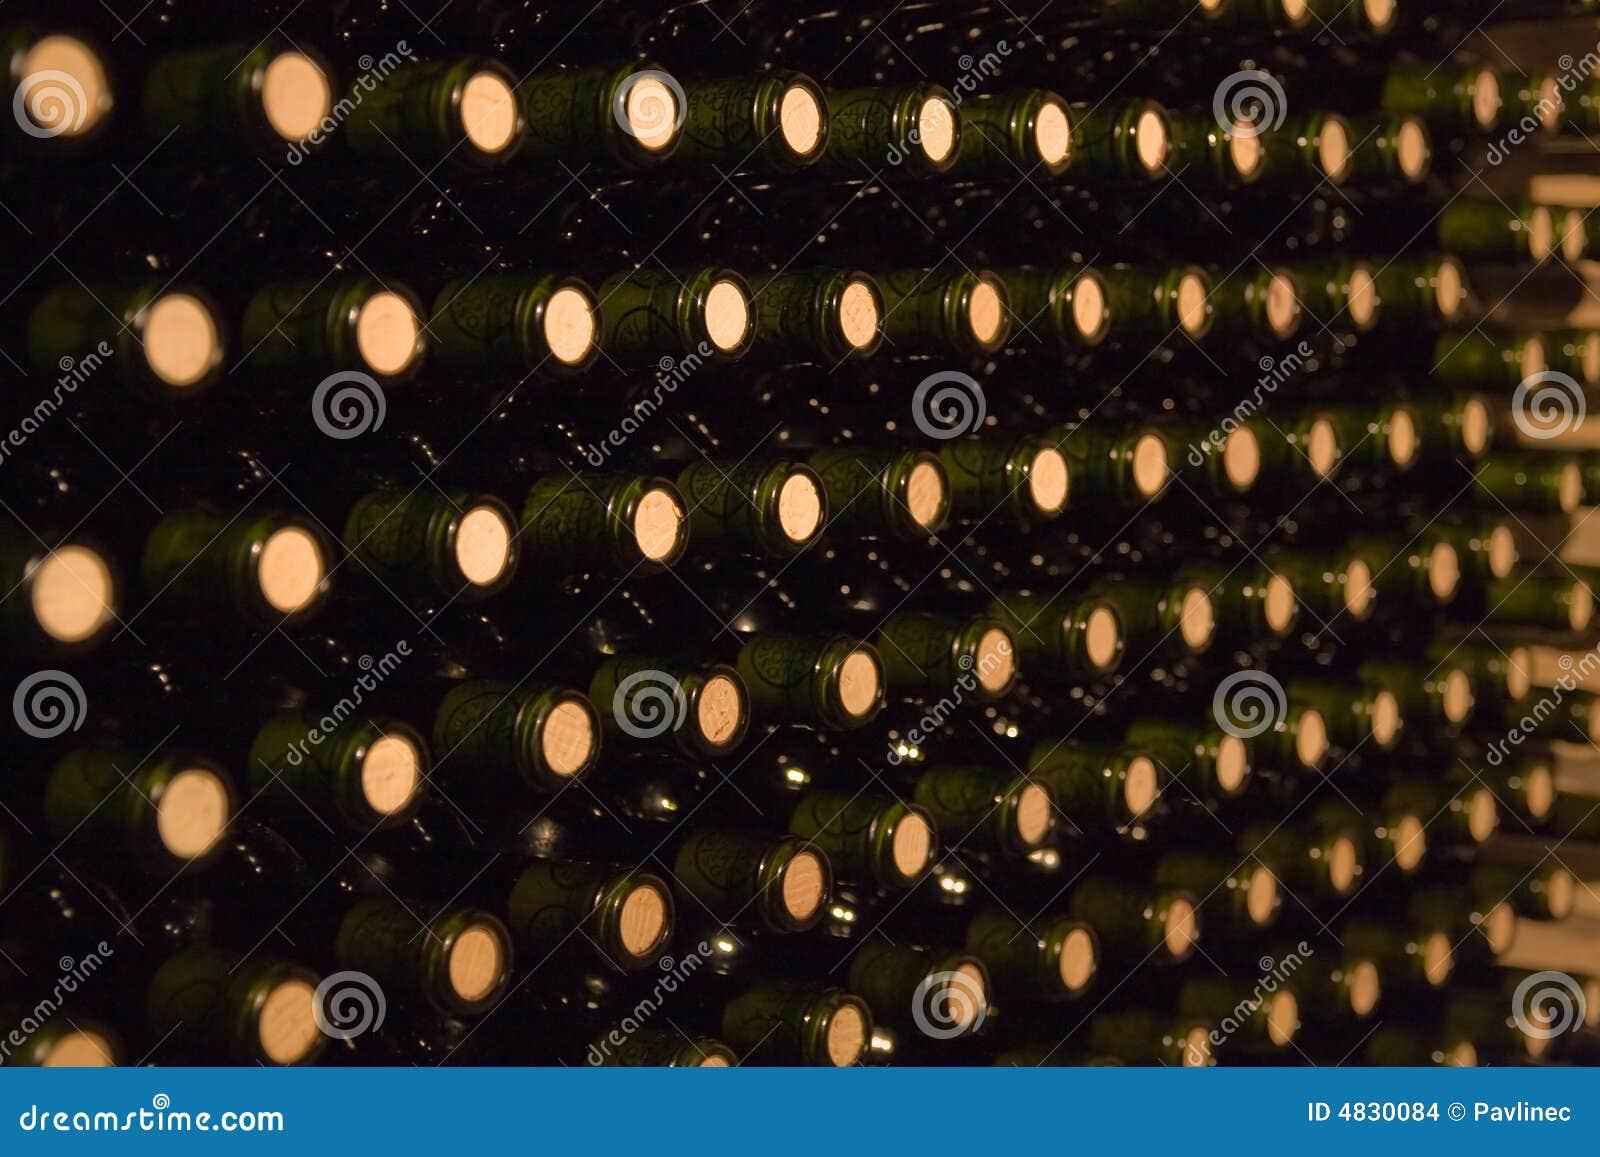 Wein bottles4